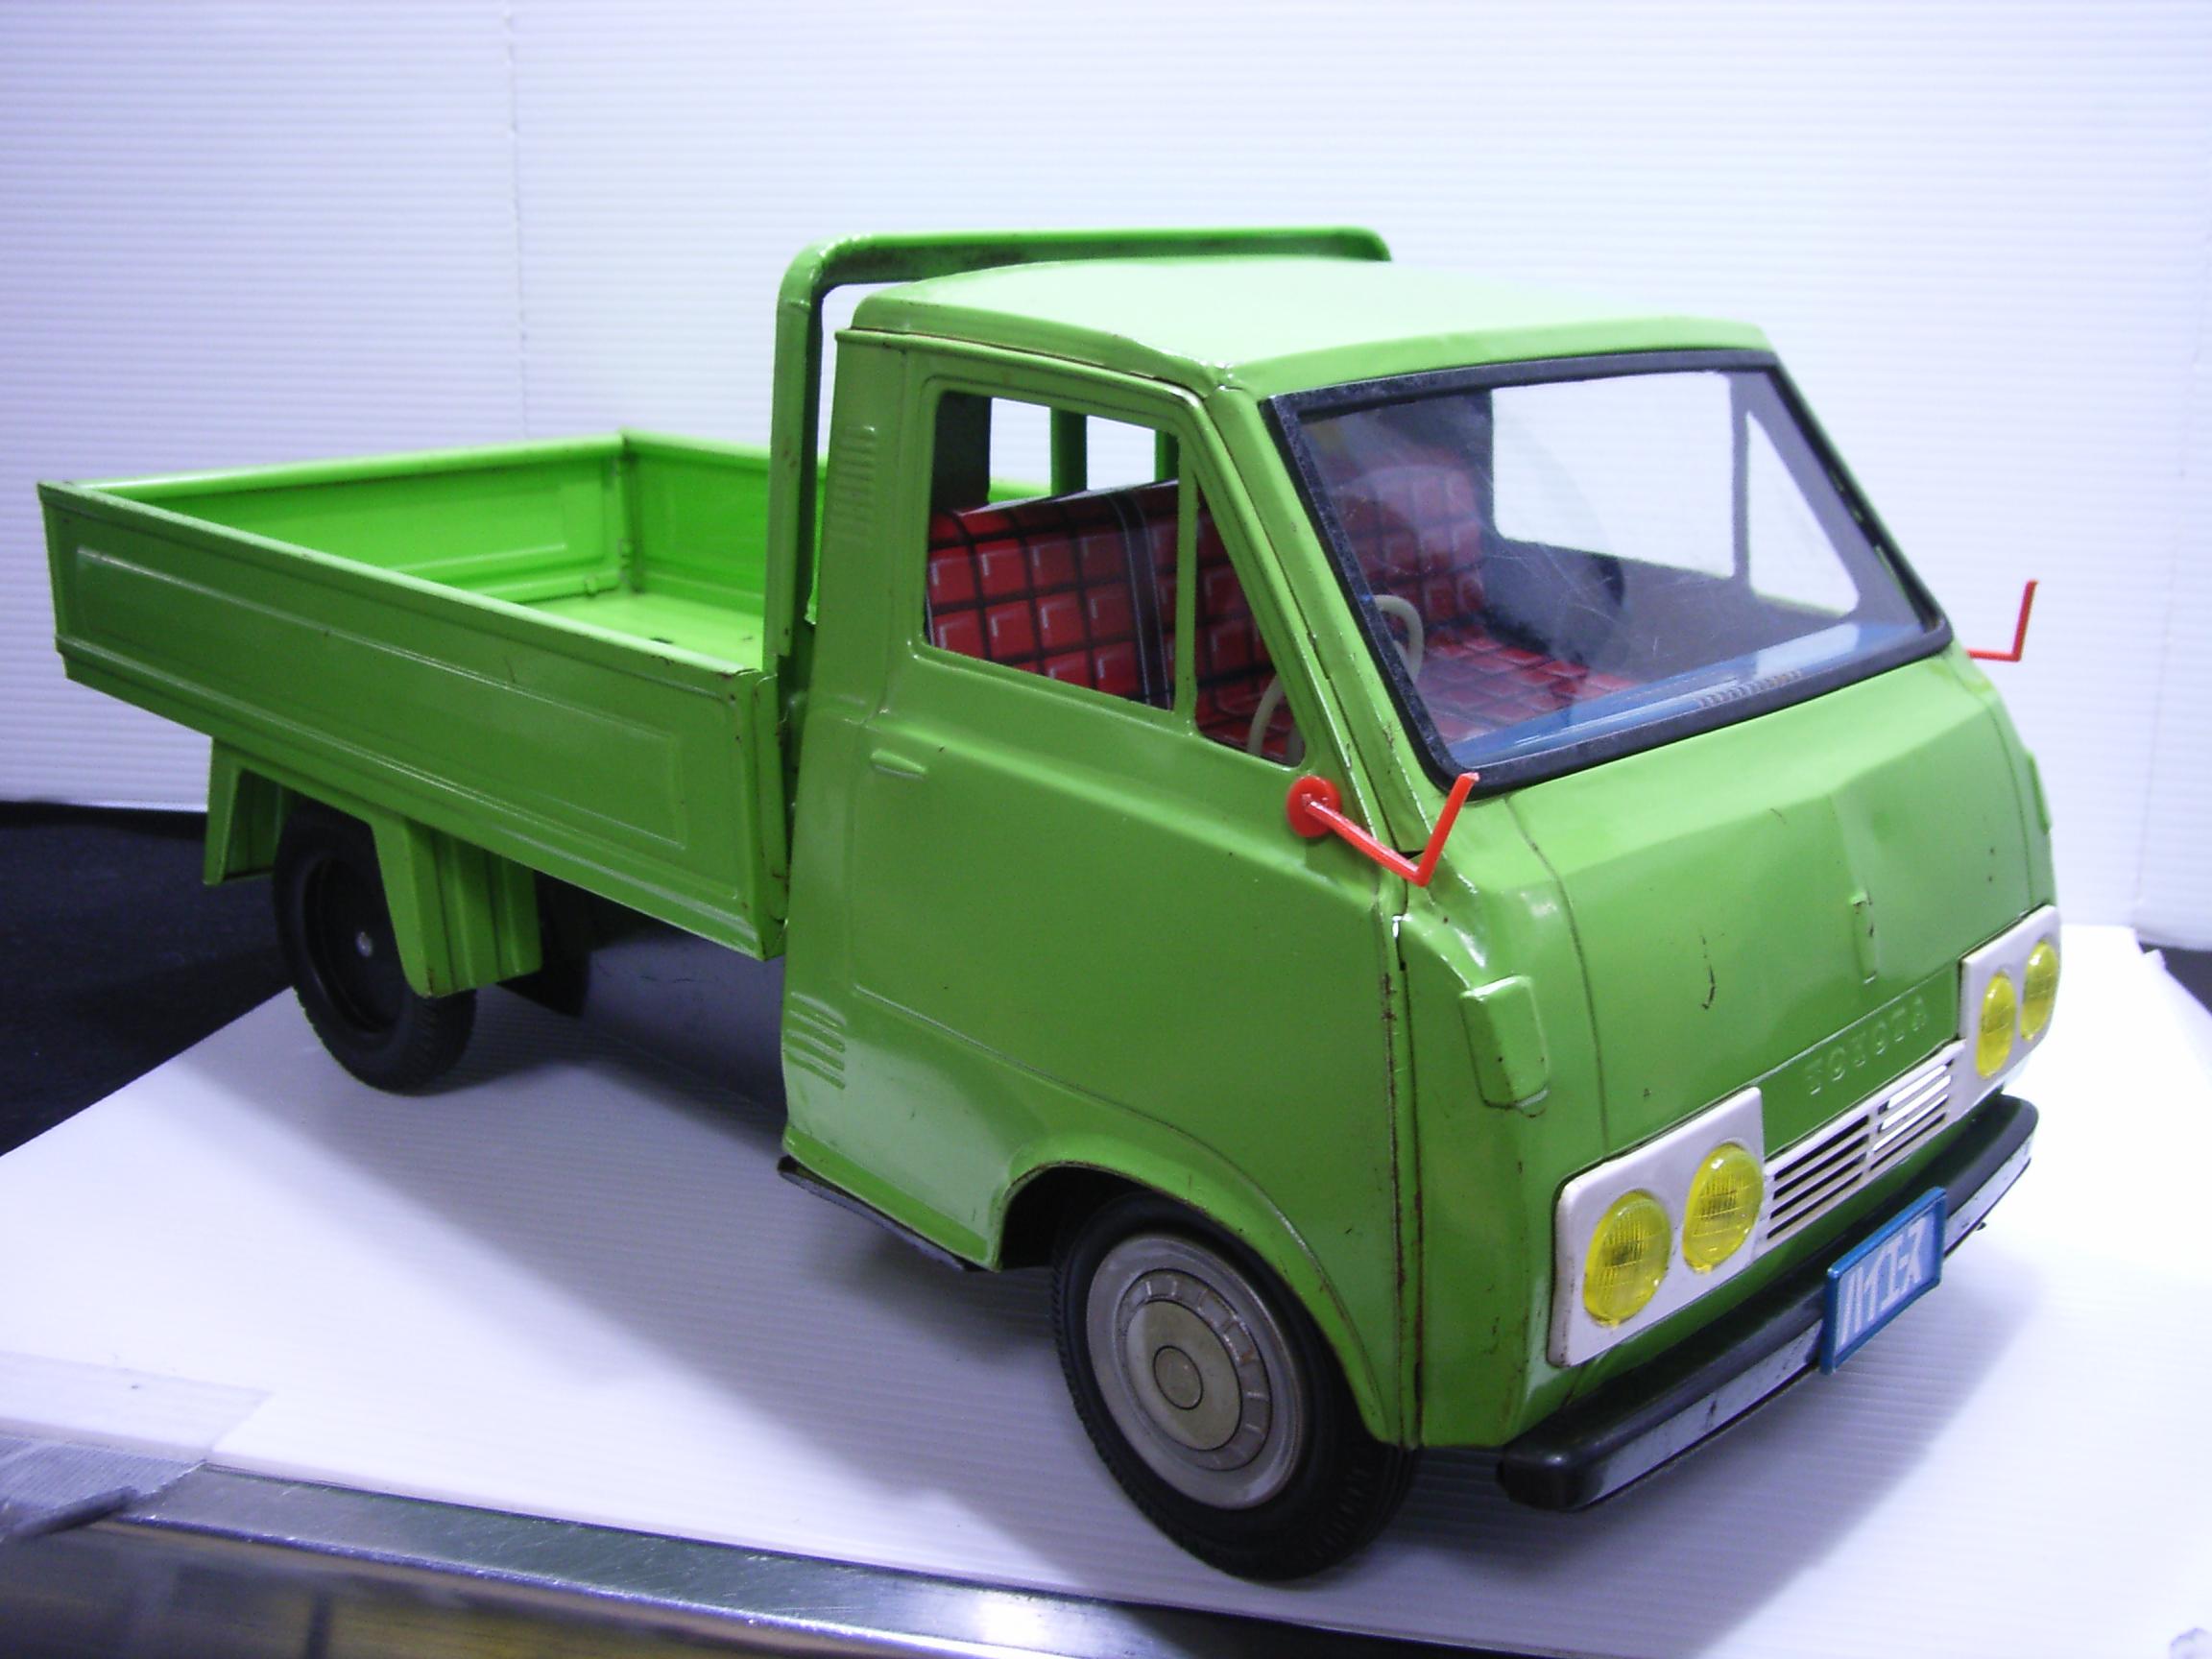 野村トーイ トヨタ ハイエース トラック ブリキ 特大 47.5cm 当時物 JAPAN 現状 【TO3244】